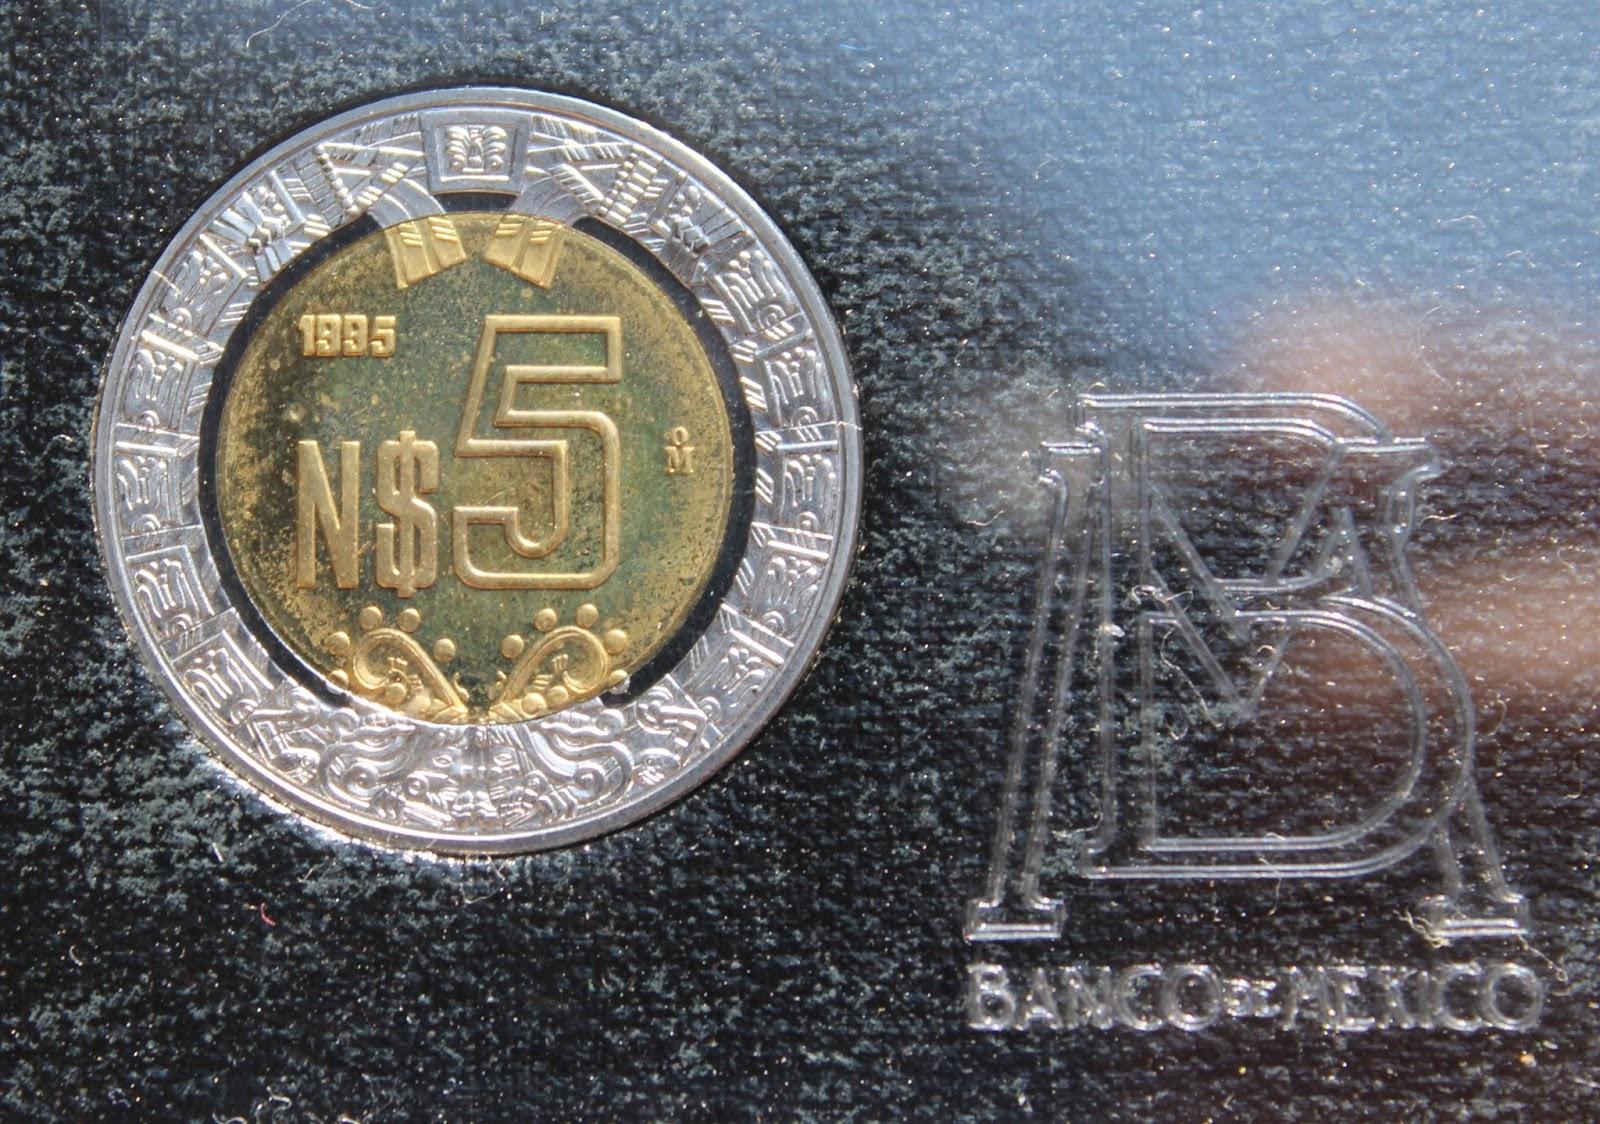 """692a9e743204 ... un nuevo cono monetario con piezas de 5, 10, 20 y 50 centavos así como  de 1, 2, 5, 10, 20, y 50 nuevos pesos, las cuales llevan escrito el prefijo  """"N$"""" ..."""